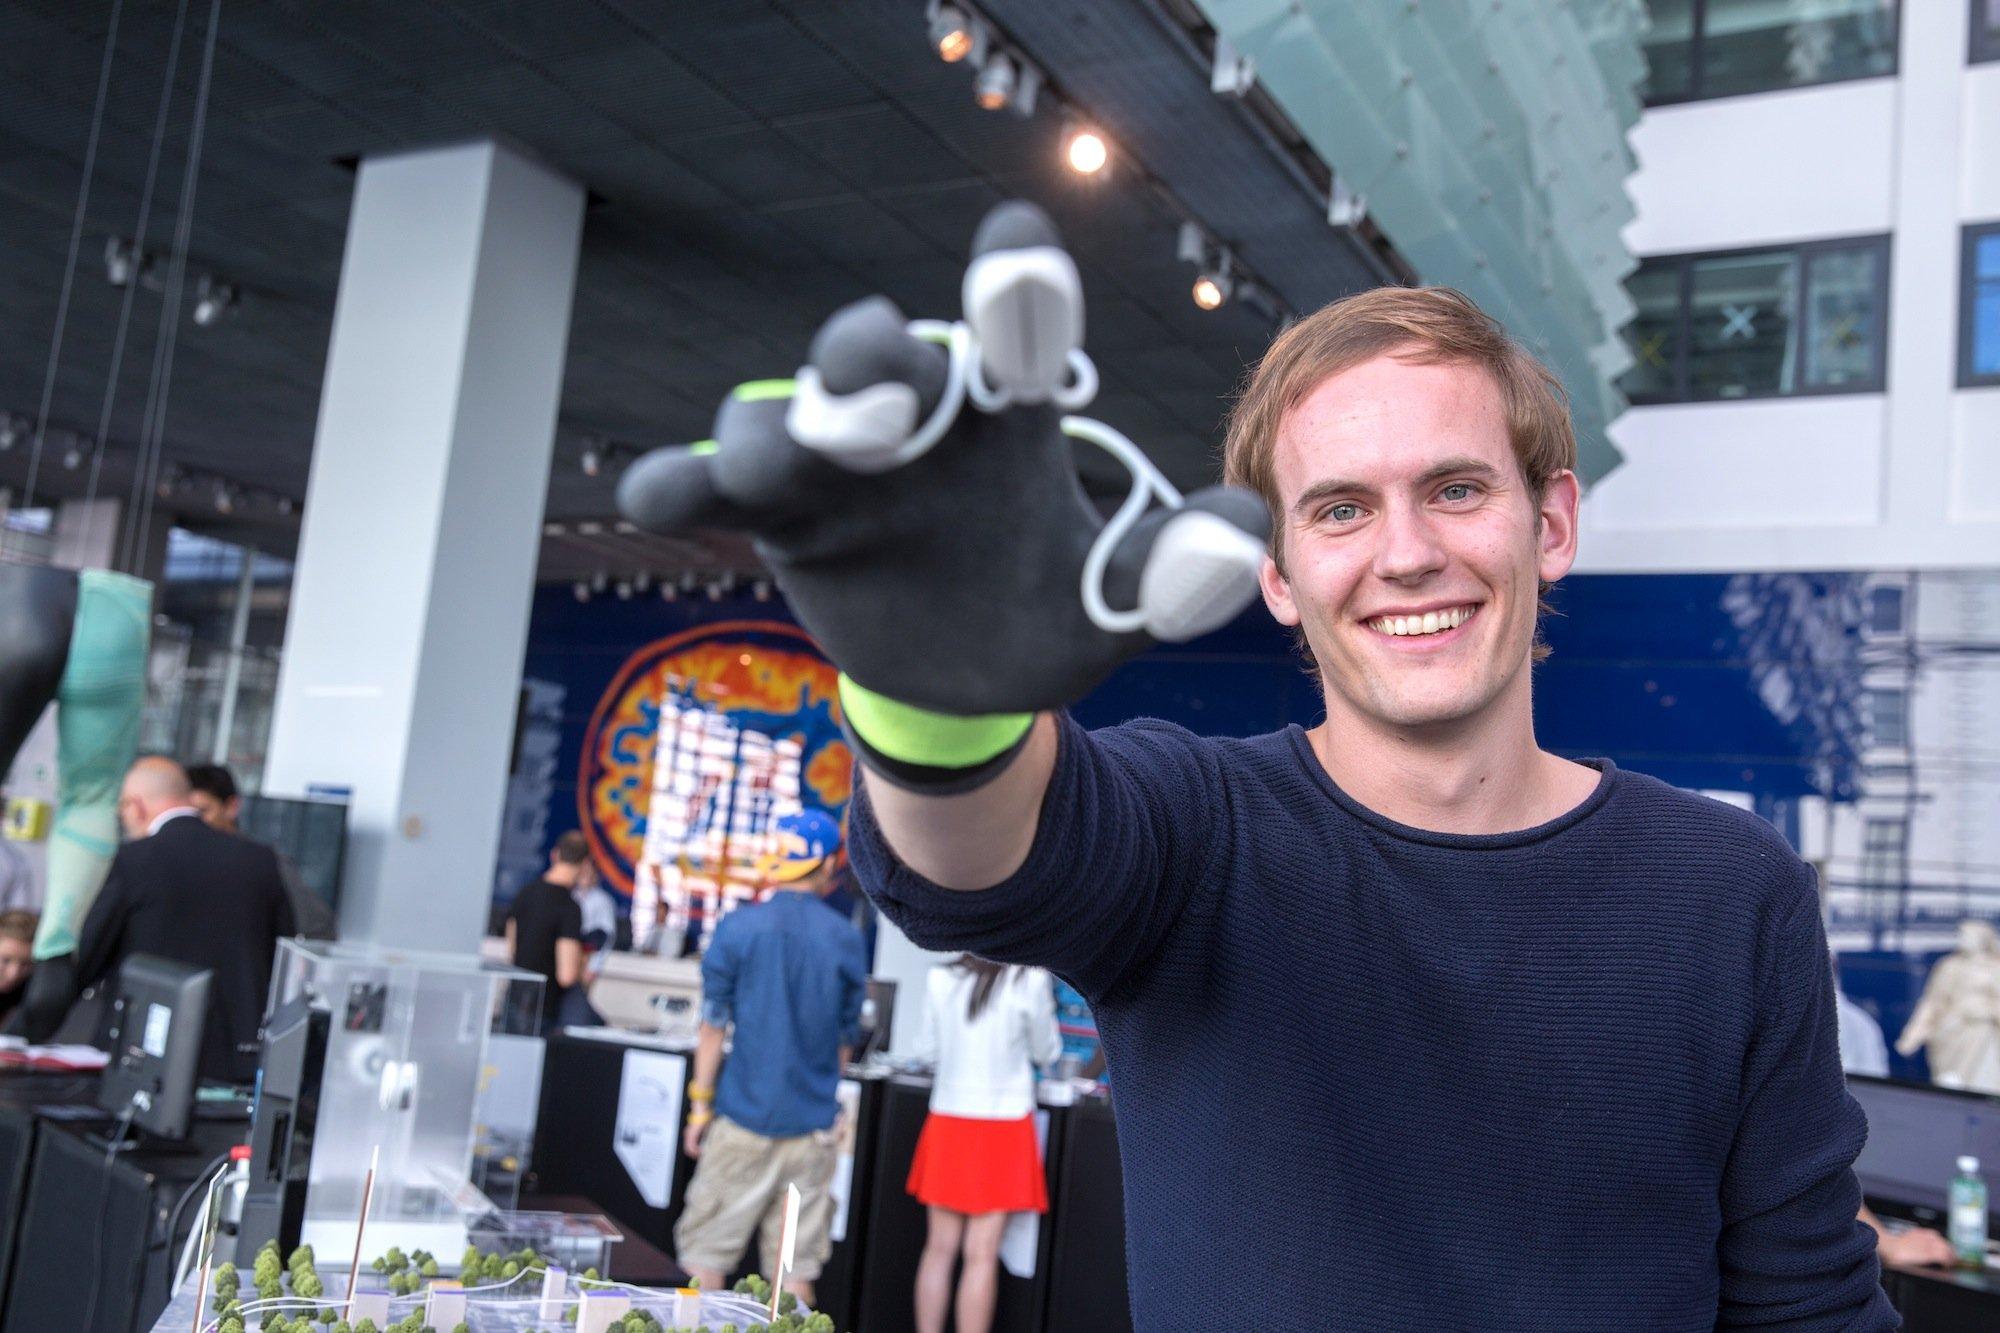 Morten Grønning, Student amRoyal College of Art in London, hat den Handschuh entwickelt, mit dem Künstler harte Materialen schleifen und bearbeiten können.